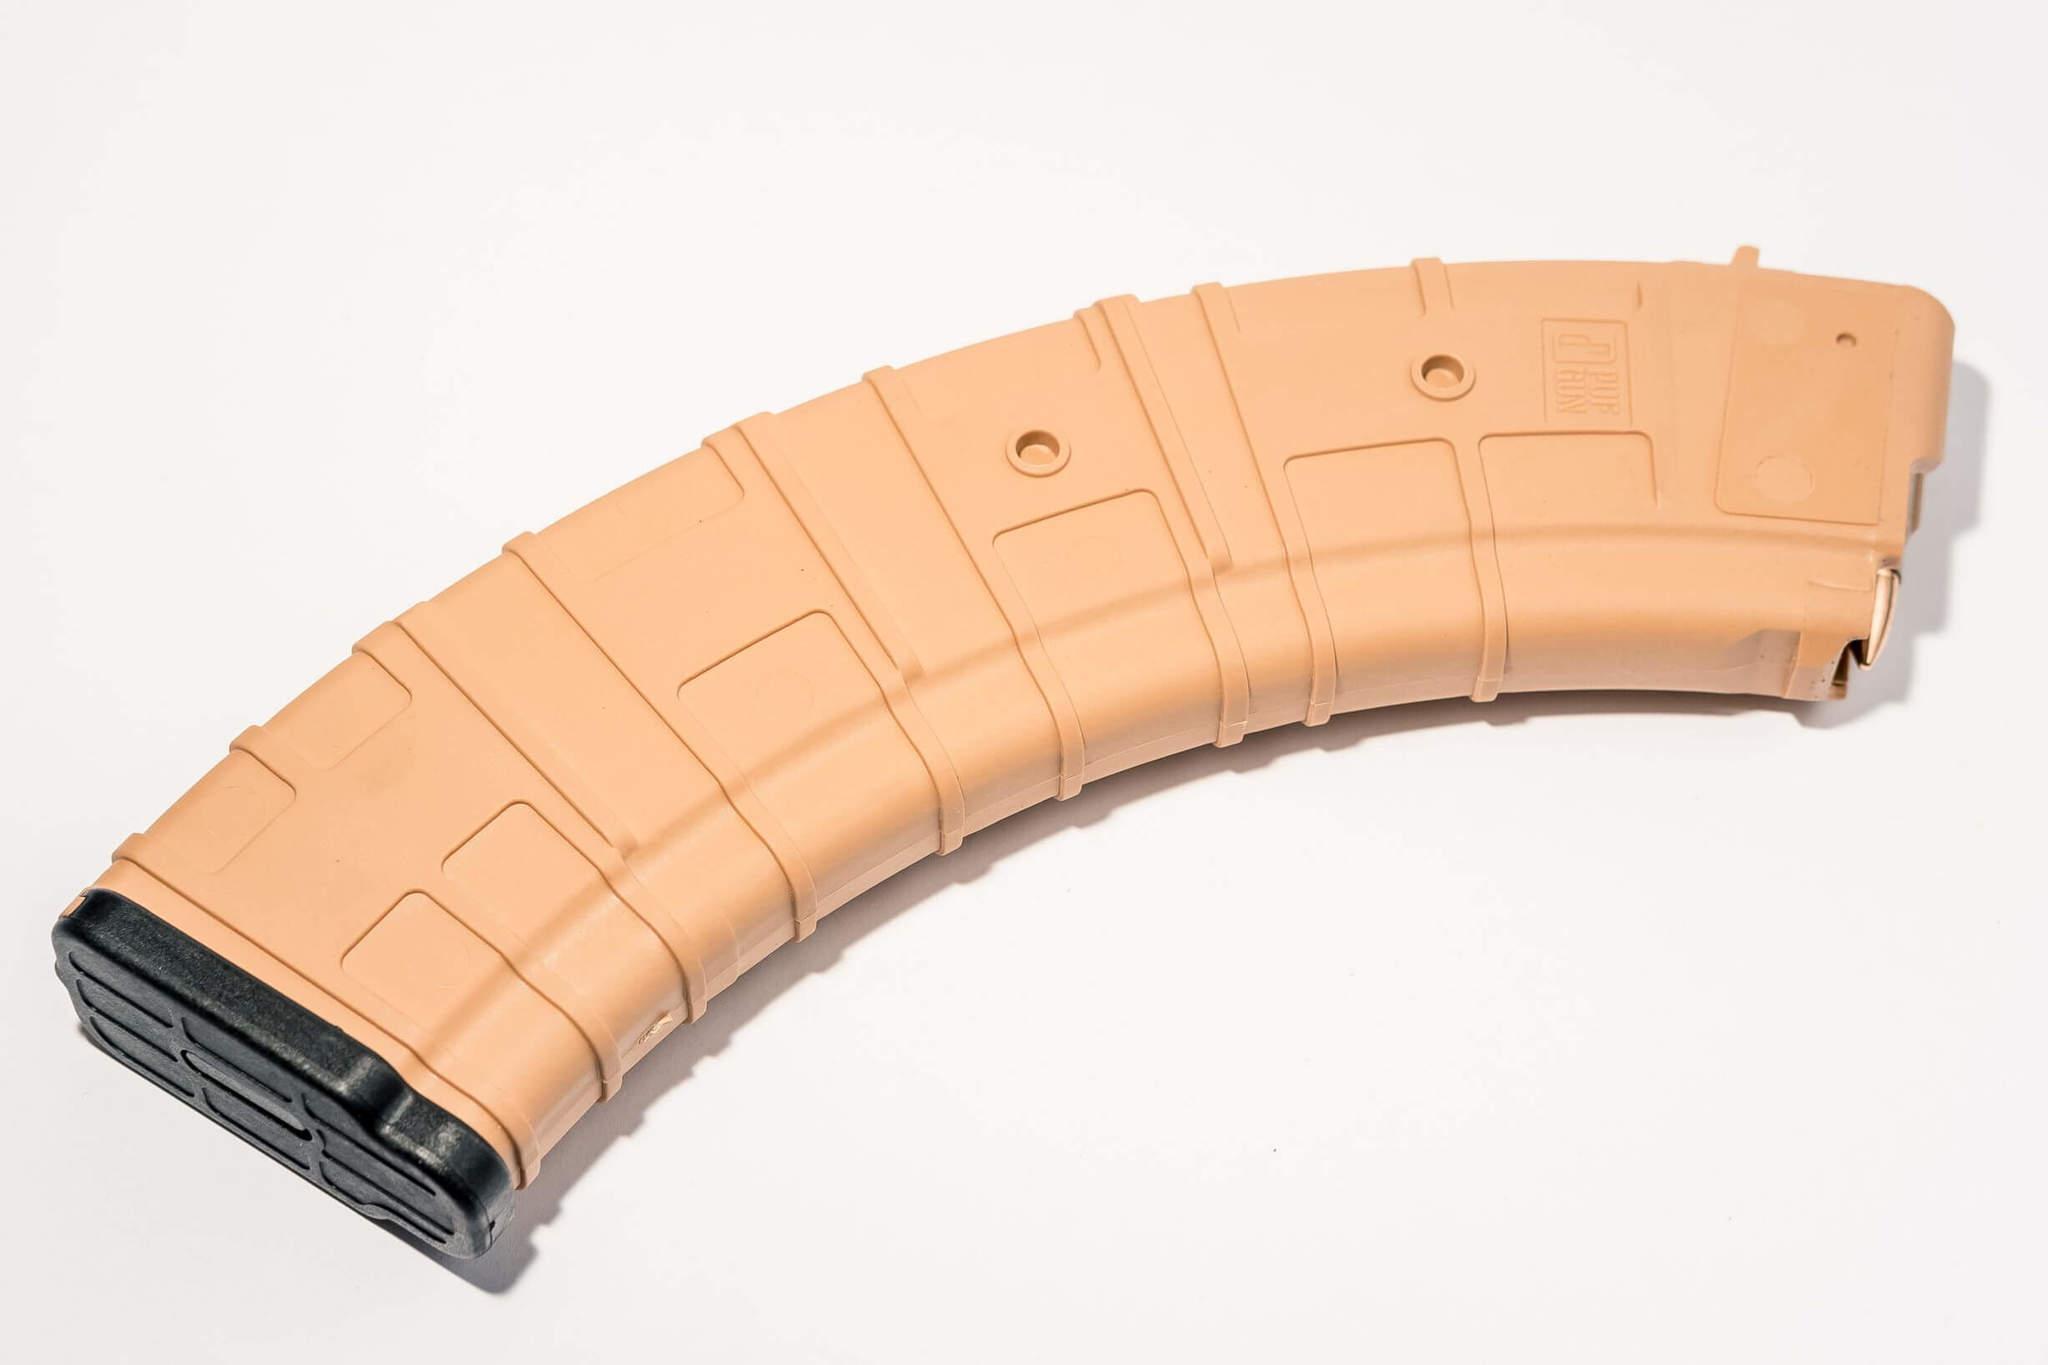 Магазин Pufgun для АКМ 7.62x39 ВПО-136 на 40 патронов, песочный